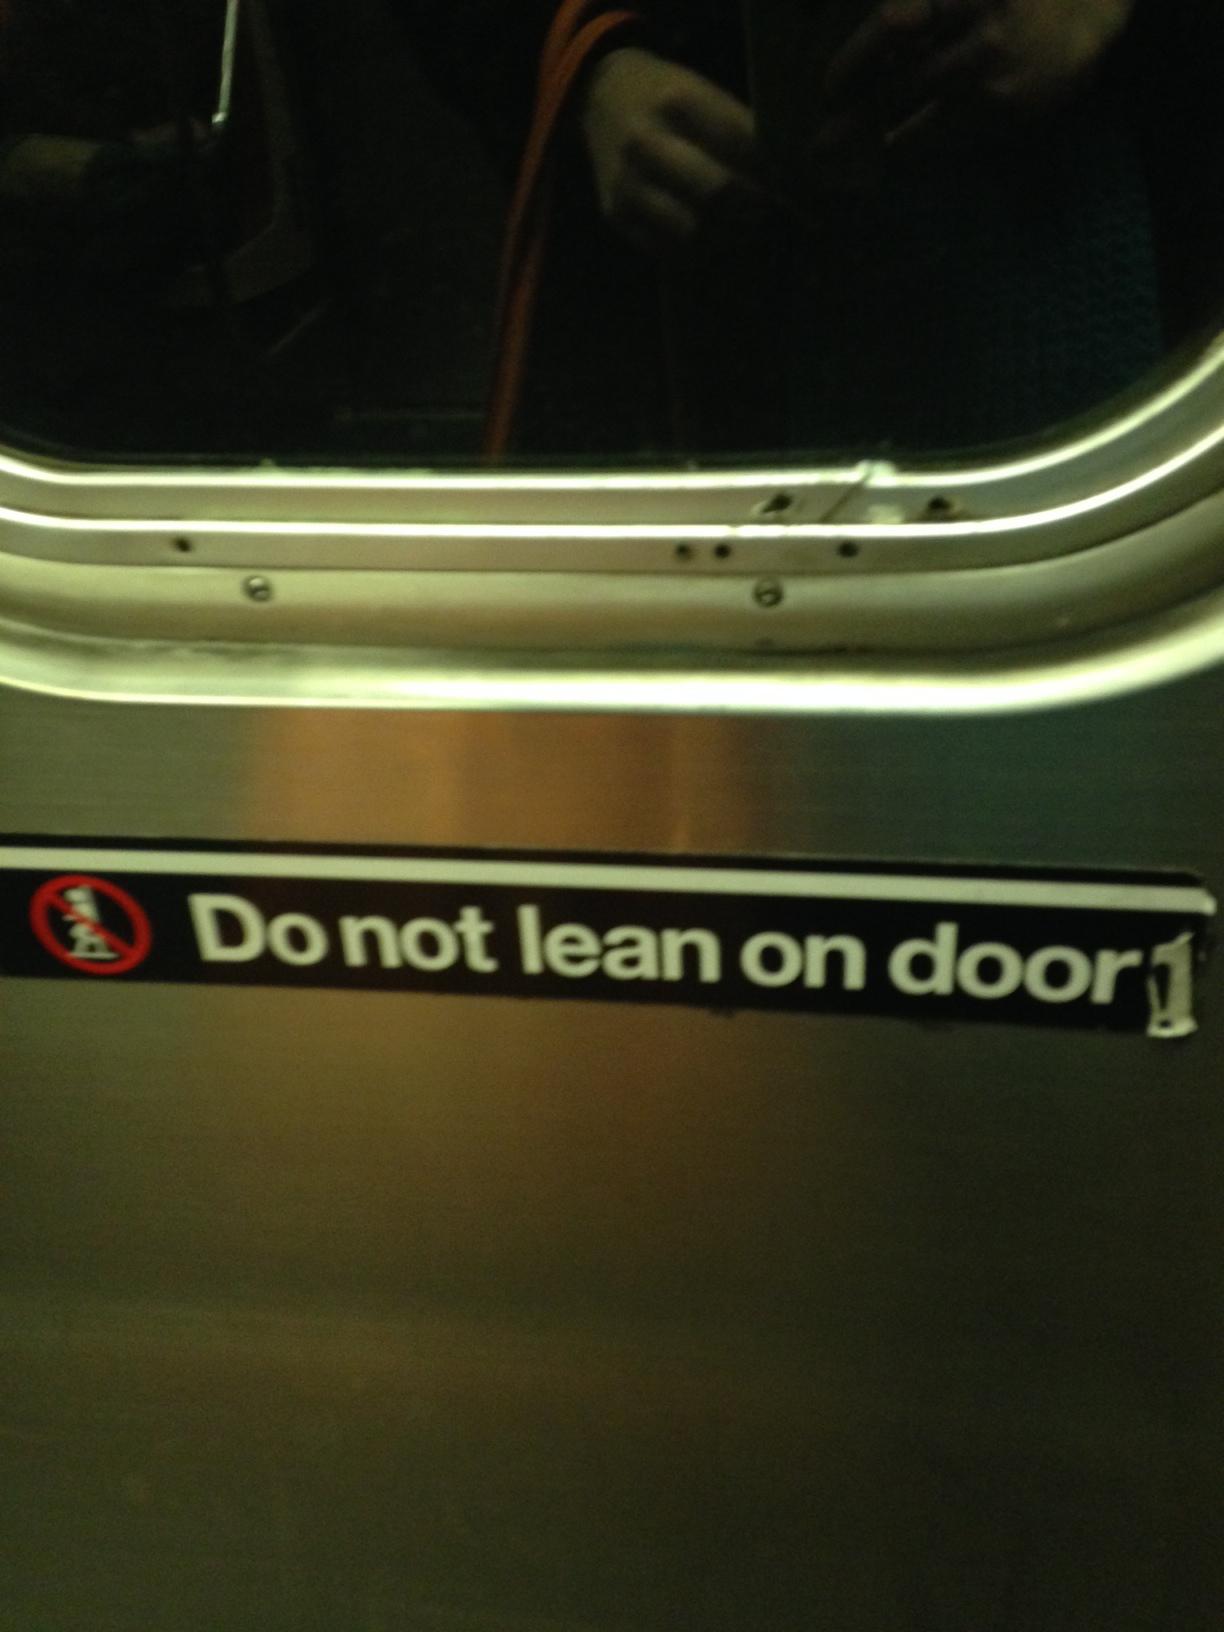 Do not lean on door!